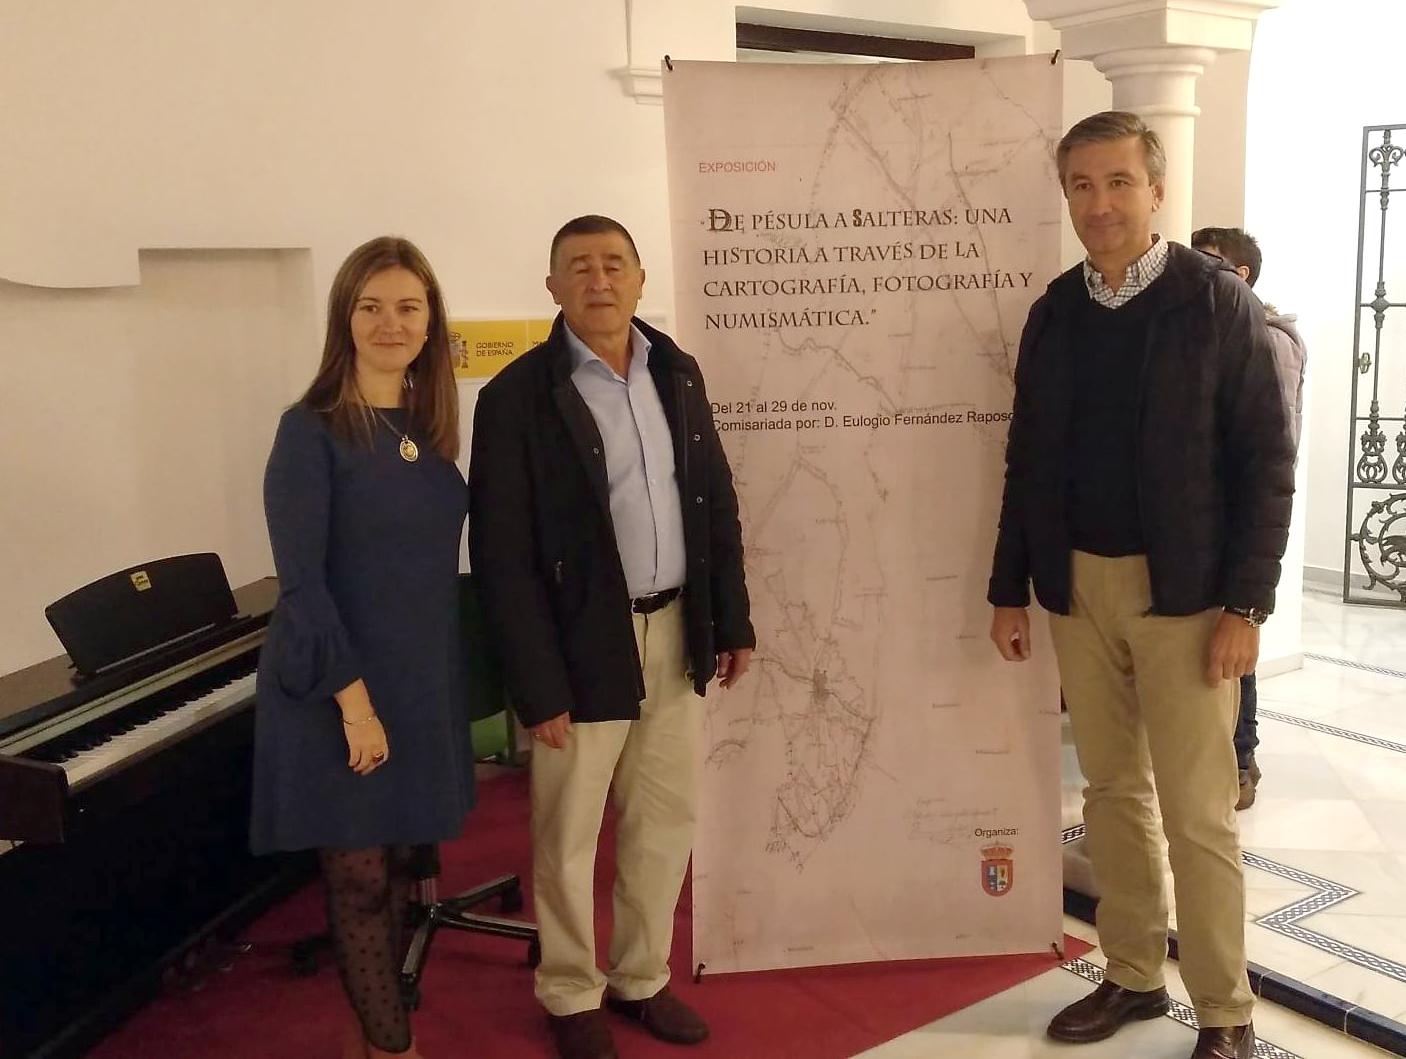 Los centenarios de la vuelta al mundo y de Leonardo da Vinci centran la IV edición de Sal D´Cultura 2019, organizada por el Ayuntamiento de Salteras